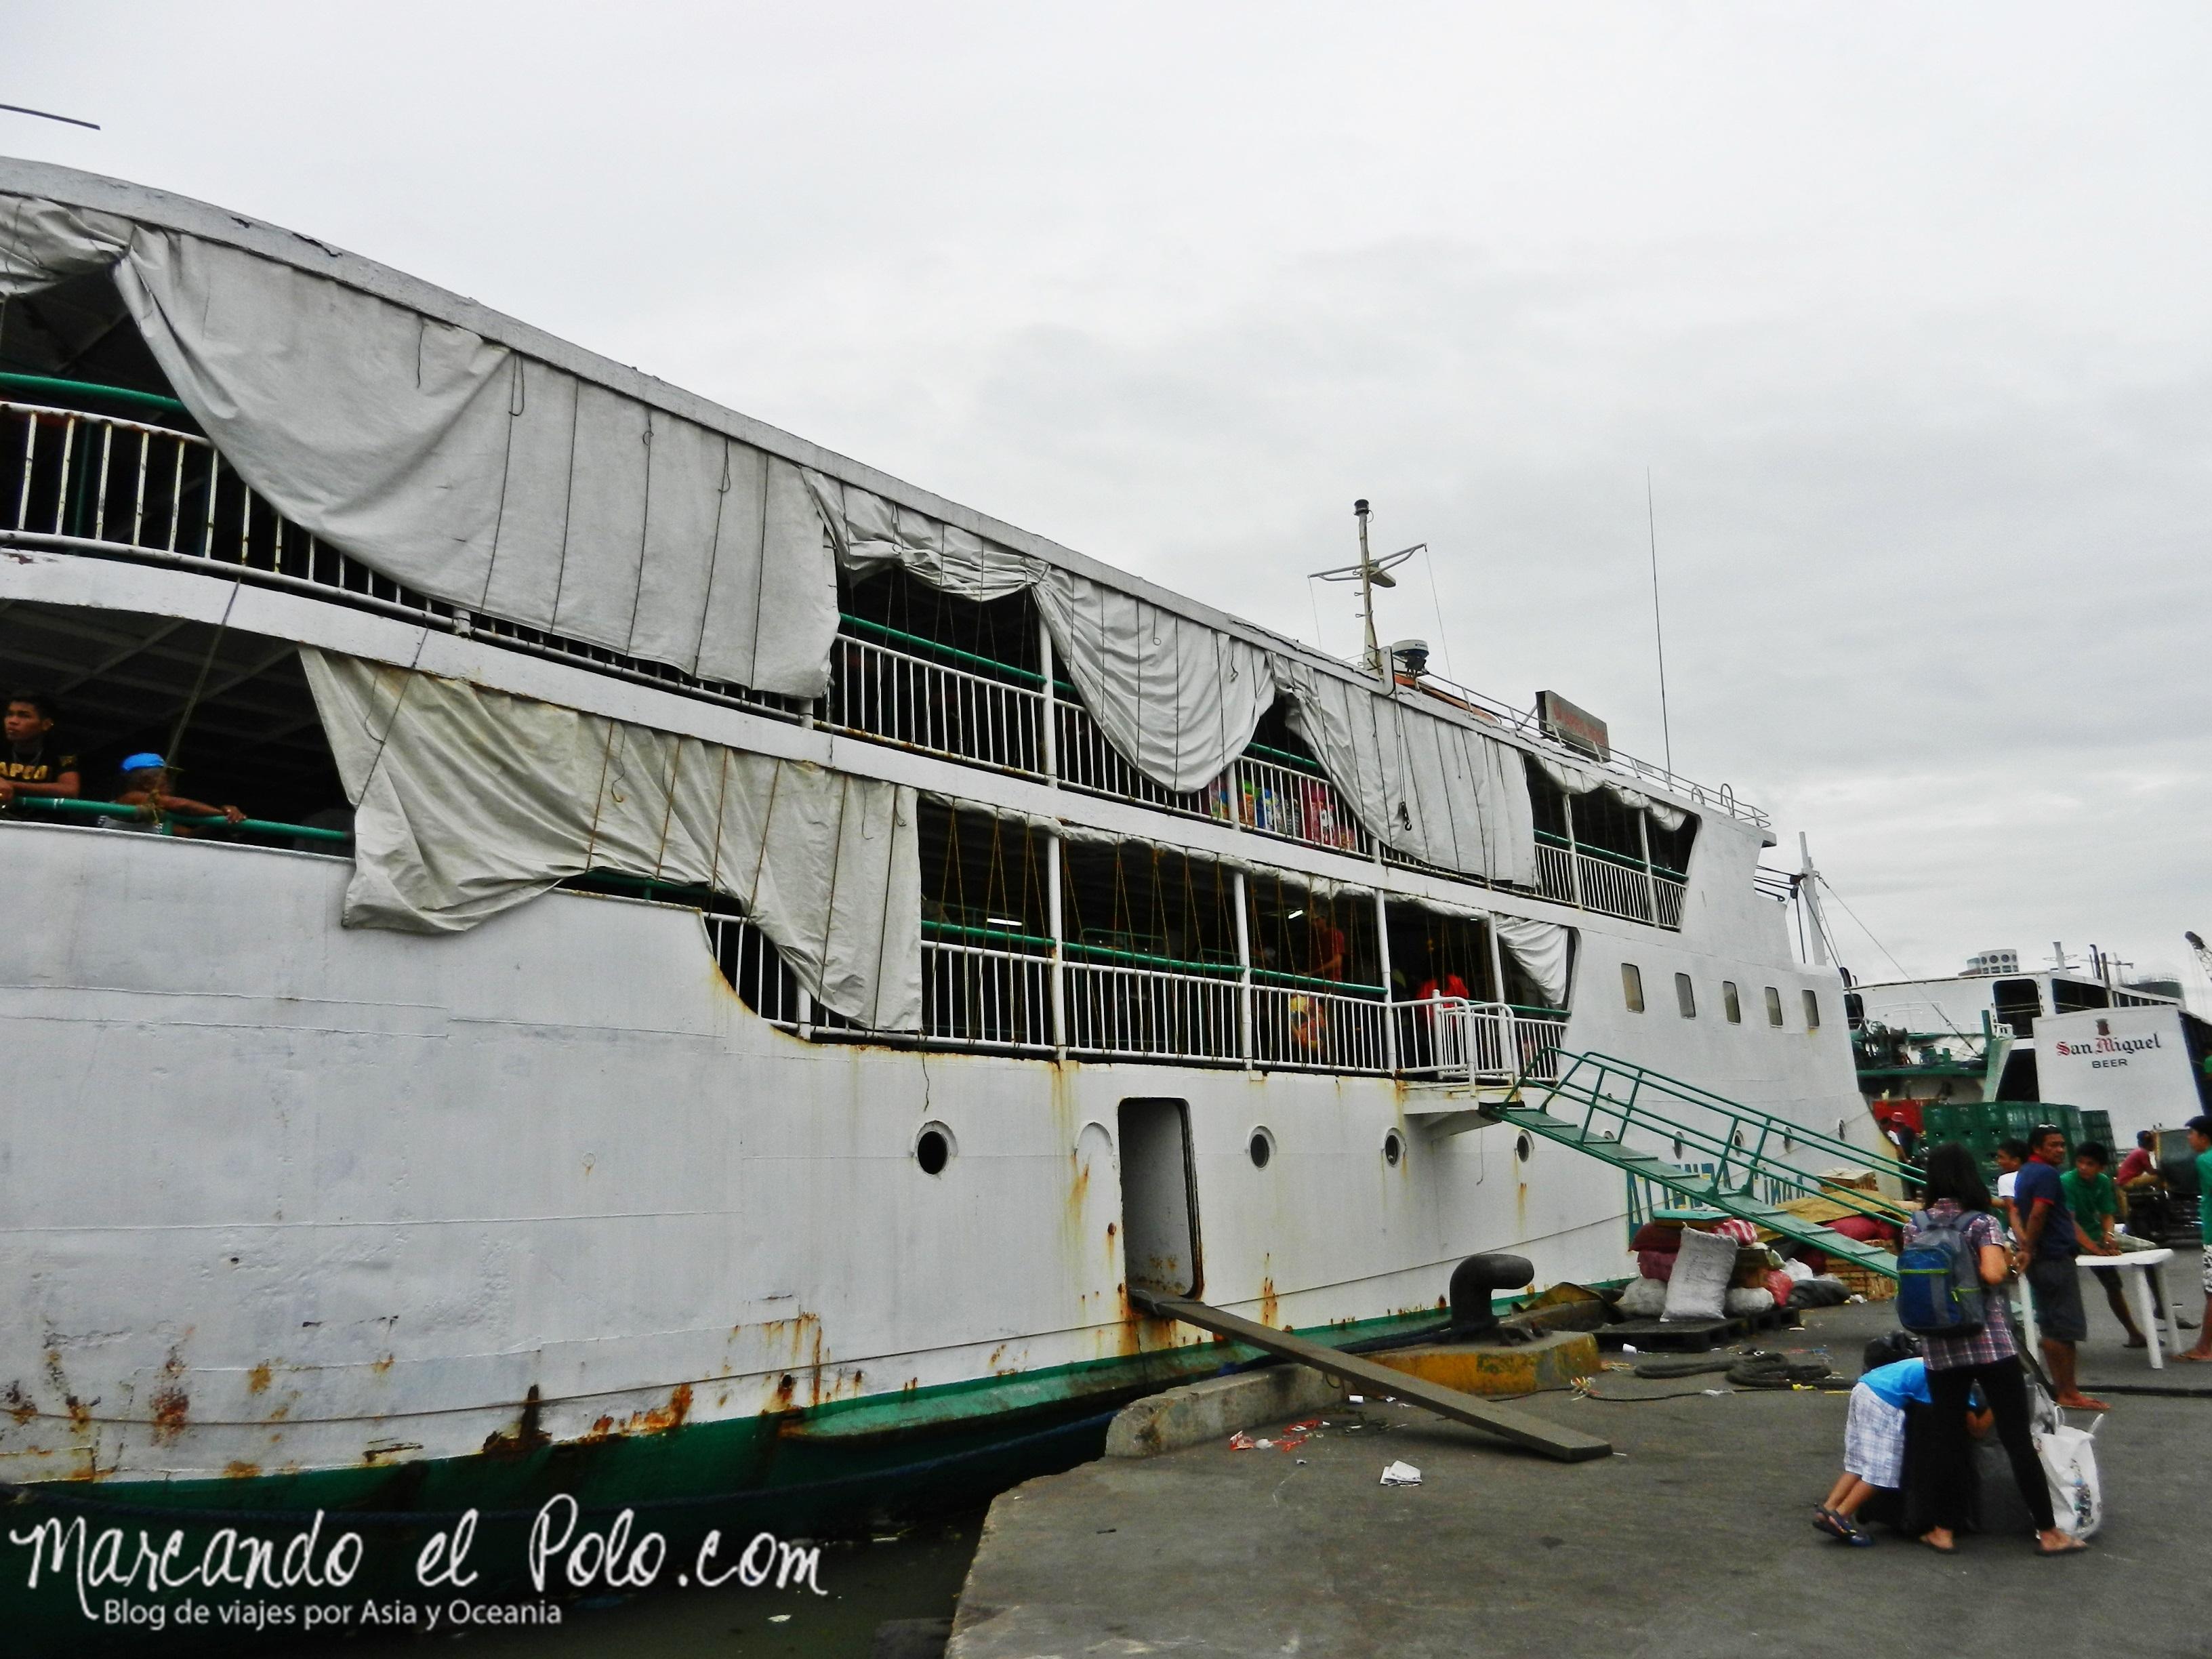 Viajar a Filipinas: viajar por mar